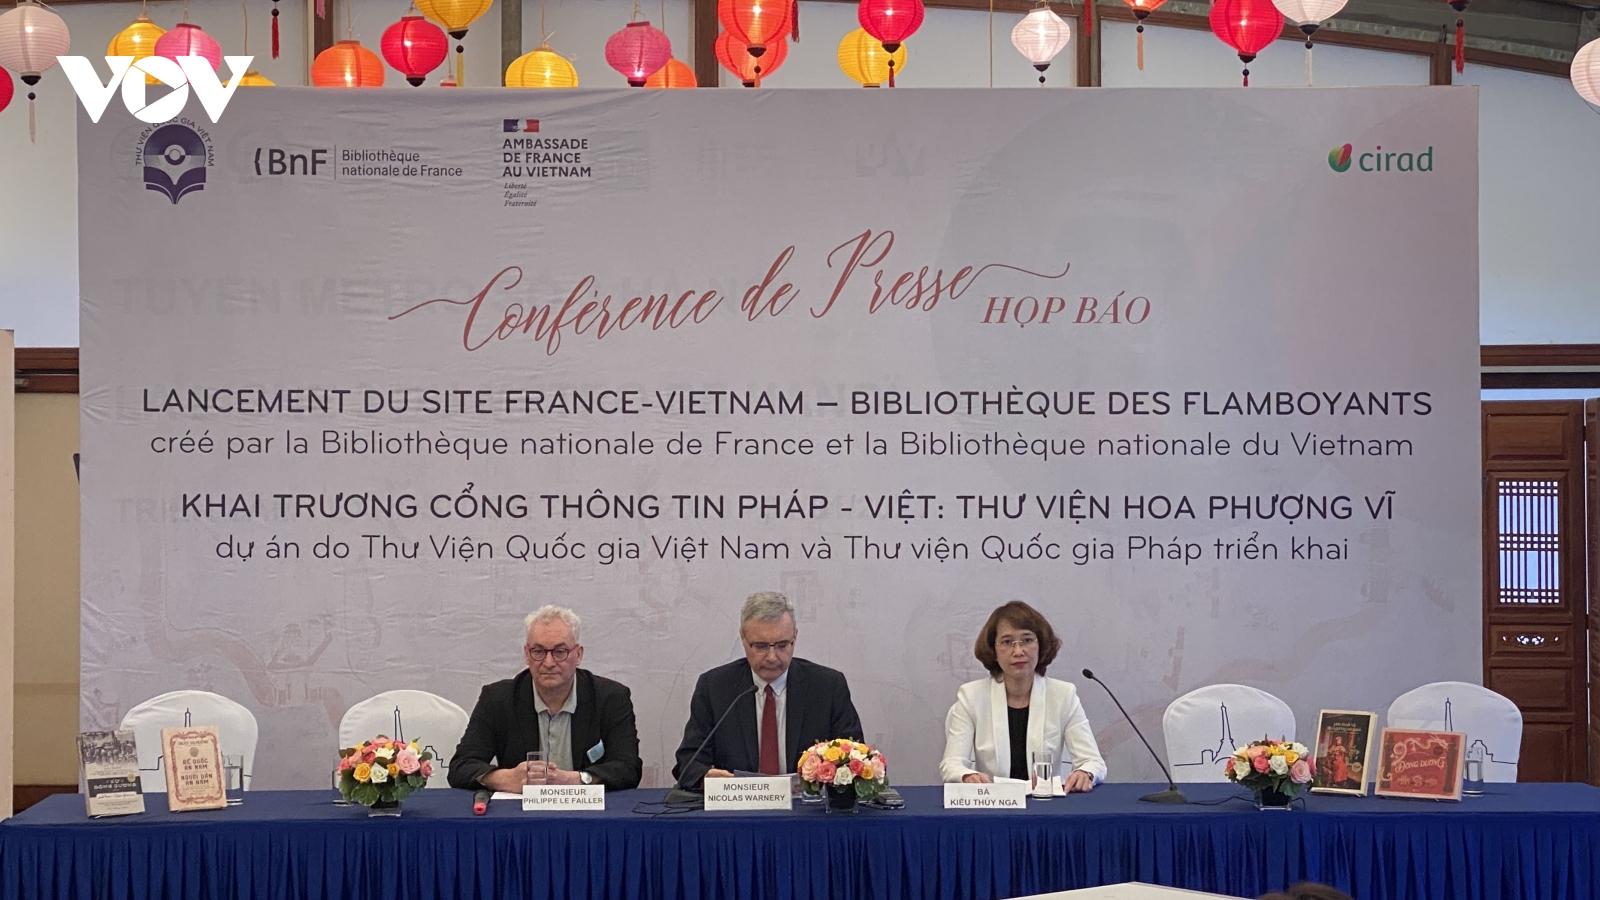 Ra mắt thư viện số Pháp - Việt giới thiệu 2000 di sản tư liệu Đông Dương